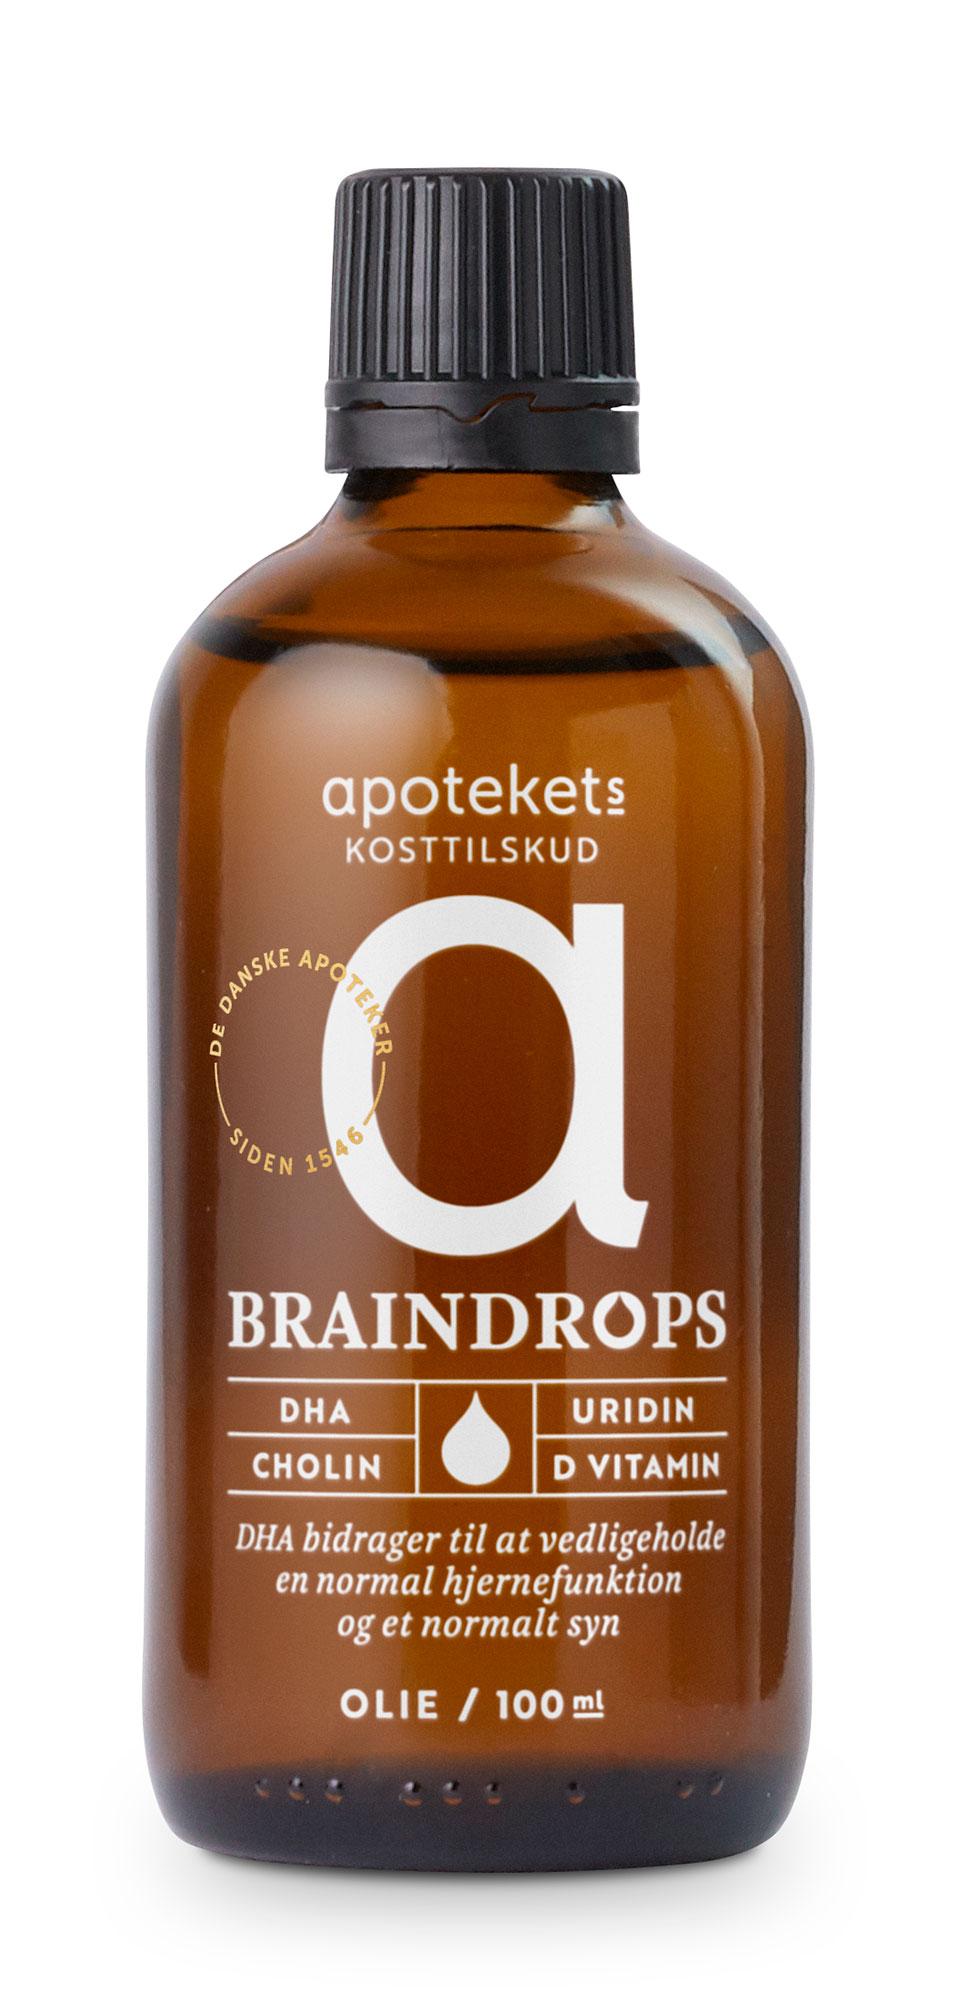 Apotekets Kosttilskud Braindrops 100Ml Flaske